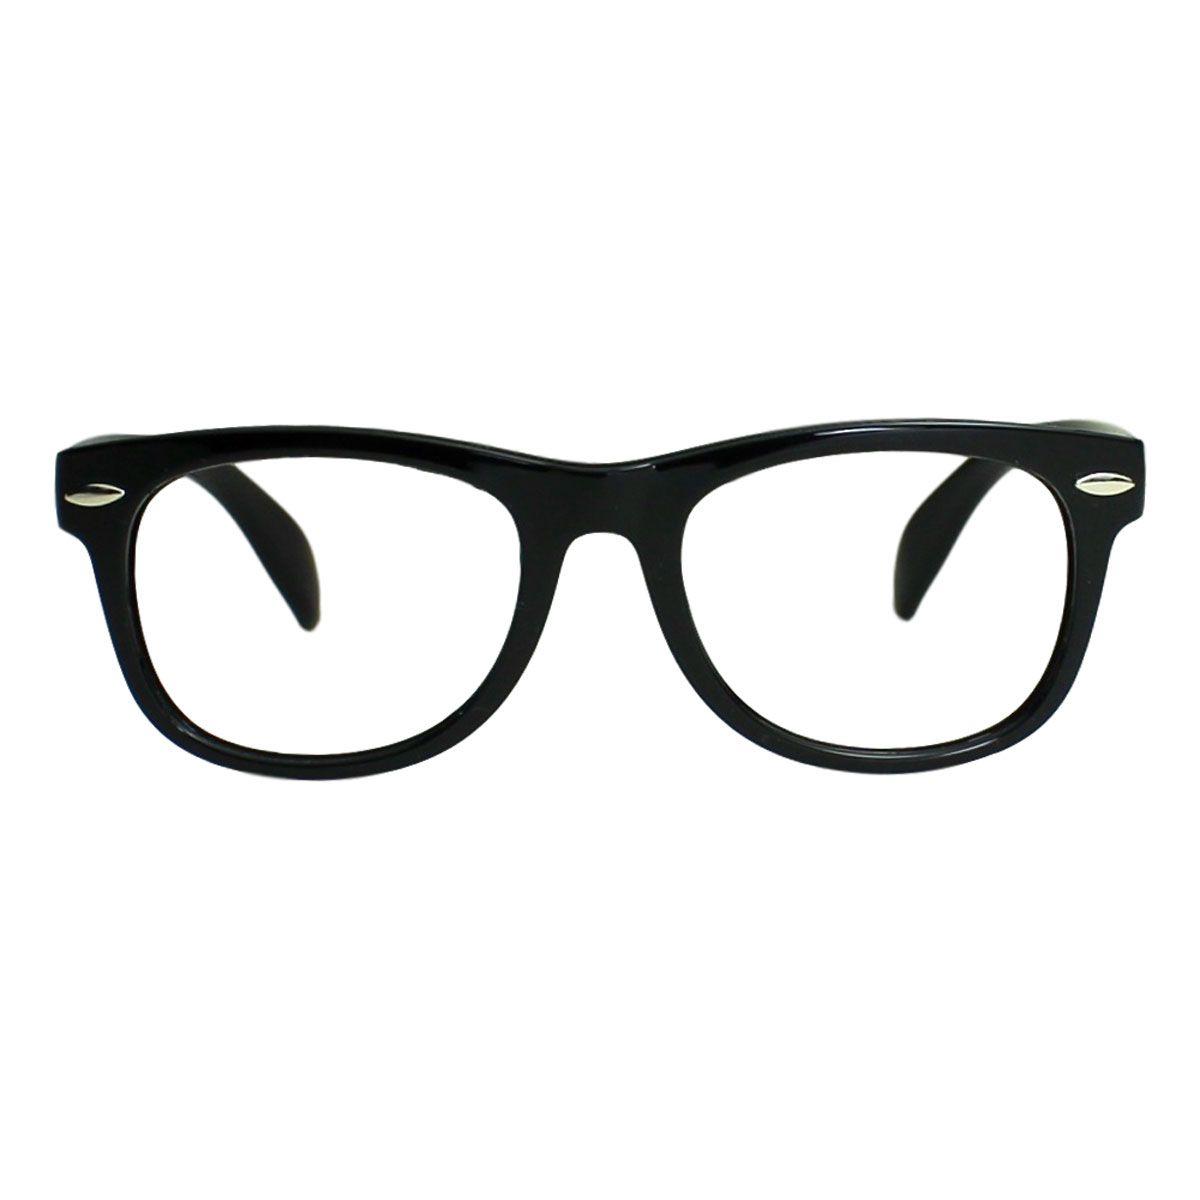 Armação para Óculos Díspar ID2104 Infantil Flexível - Preto Idade 3 a 6 anos